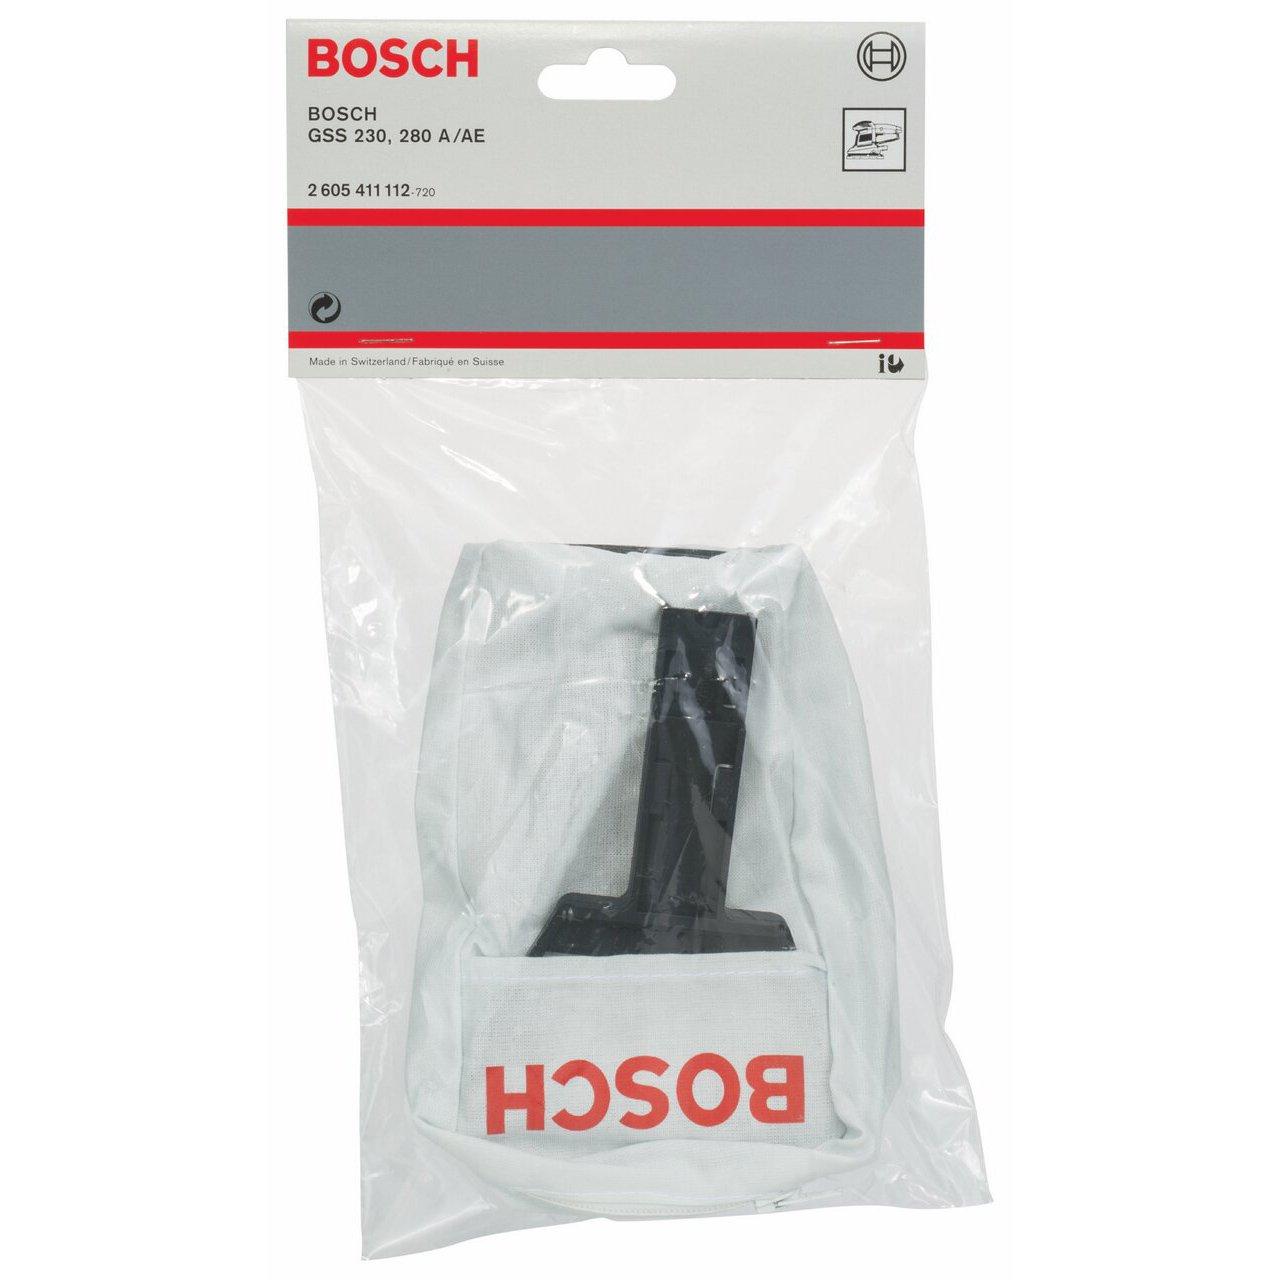 Bosch 2605411112 Sac daspiration en tissu Pour GSS 230//280